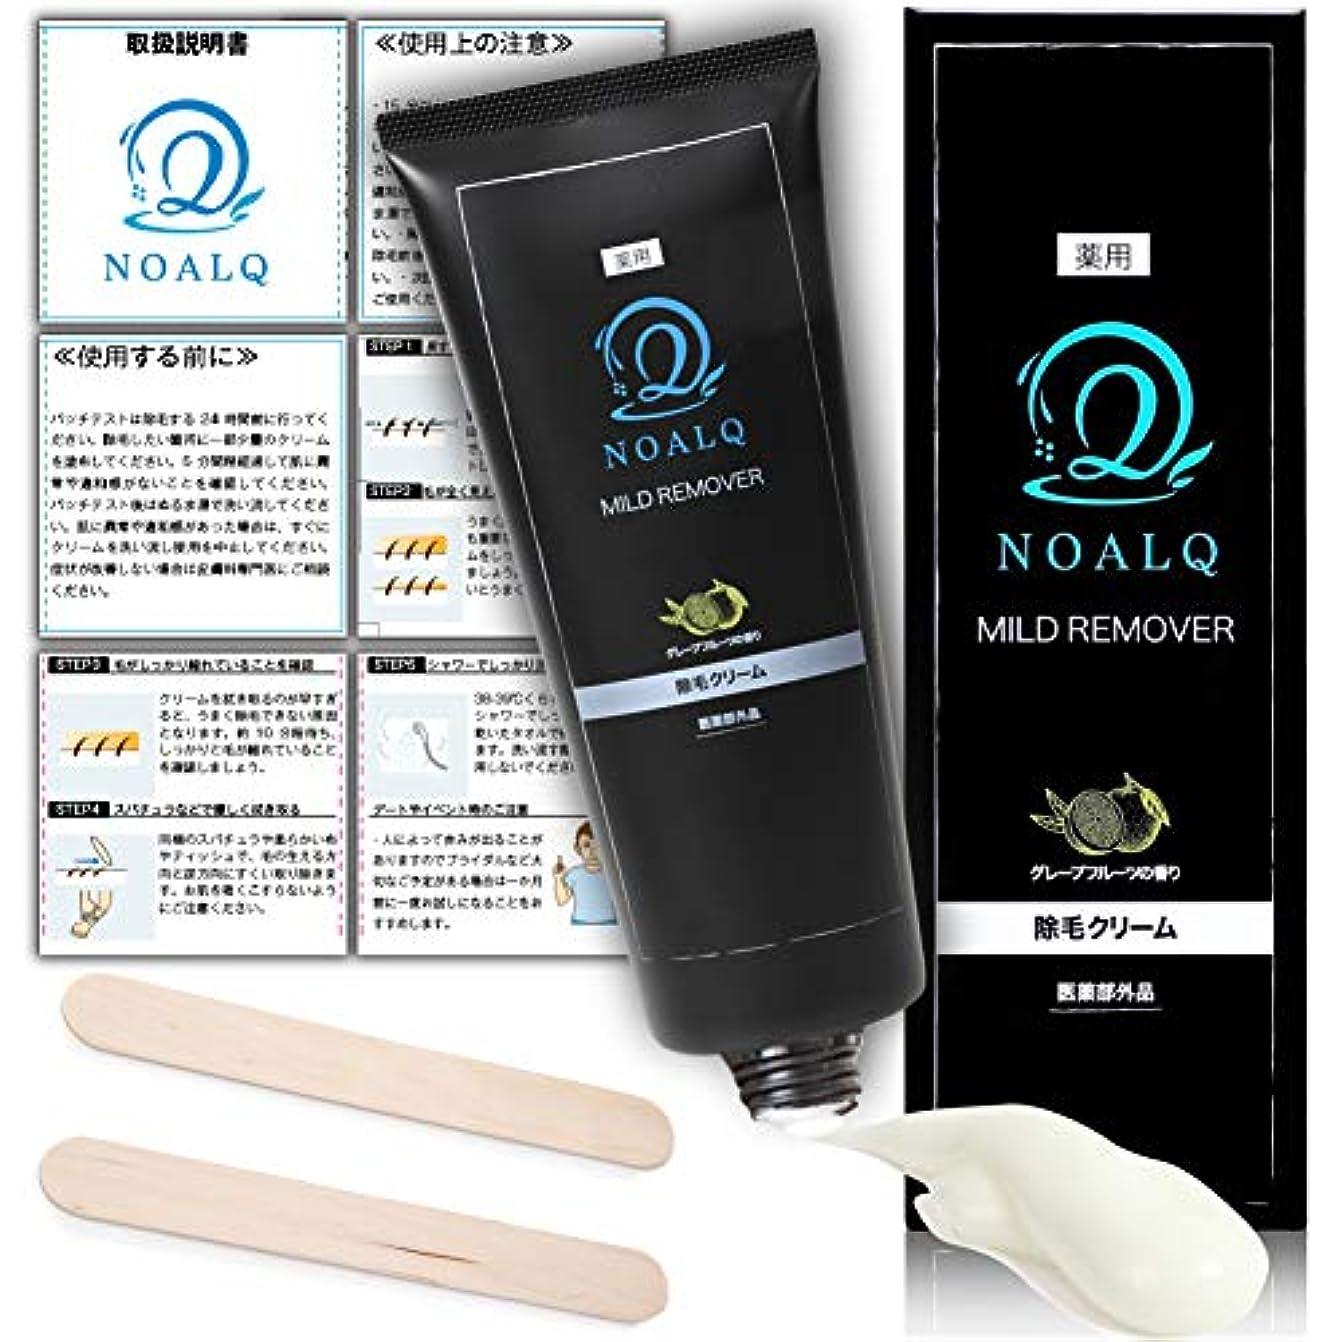 手術なぜなら分数NOALQ(ノアルク) 除毛クリーム 薬用リムーバークリーム 超大容量220g メンズ [陰部/VIO/アンダーヘア/ボディ用] 日本製 グレープフルーツフレーバータイプ